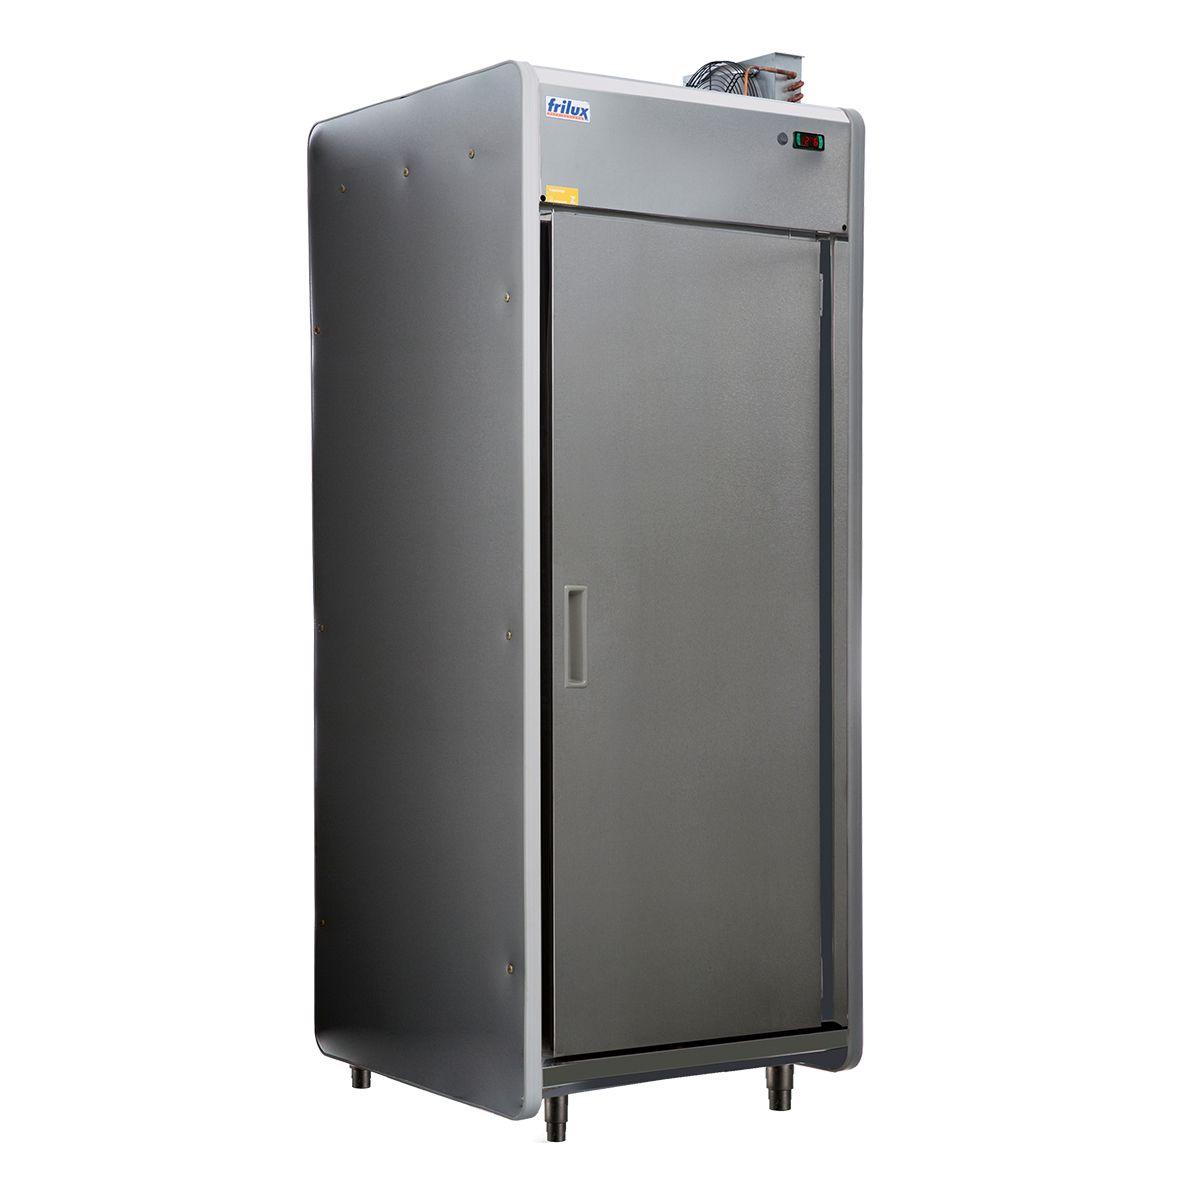 Câmara Fria Para Carnes Em Inox 1 Porta 1300 Litros Rf 052 - Frilux - 110V